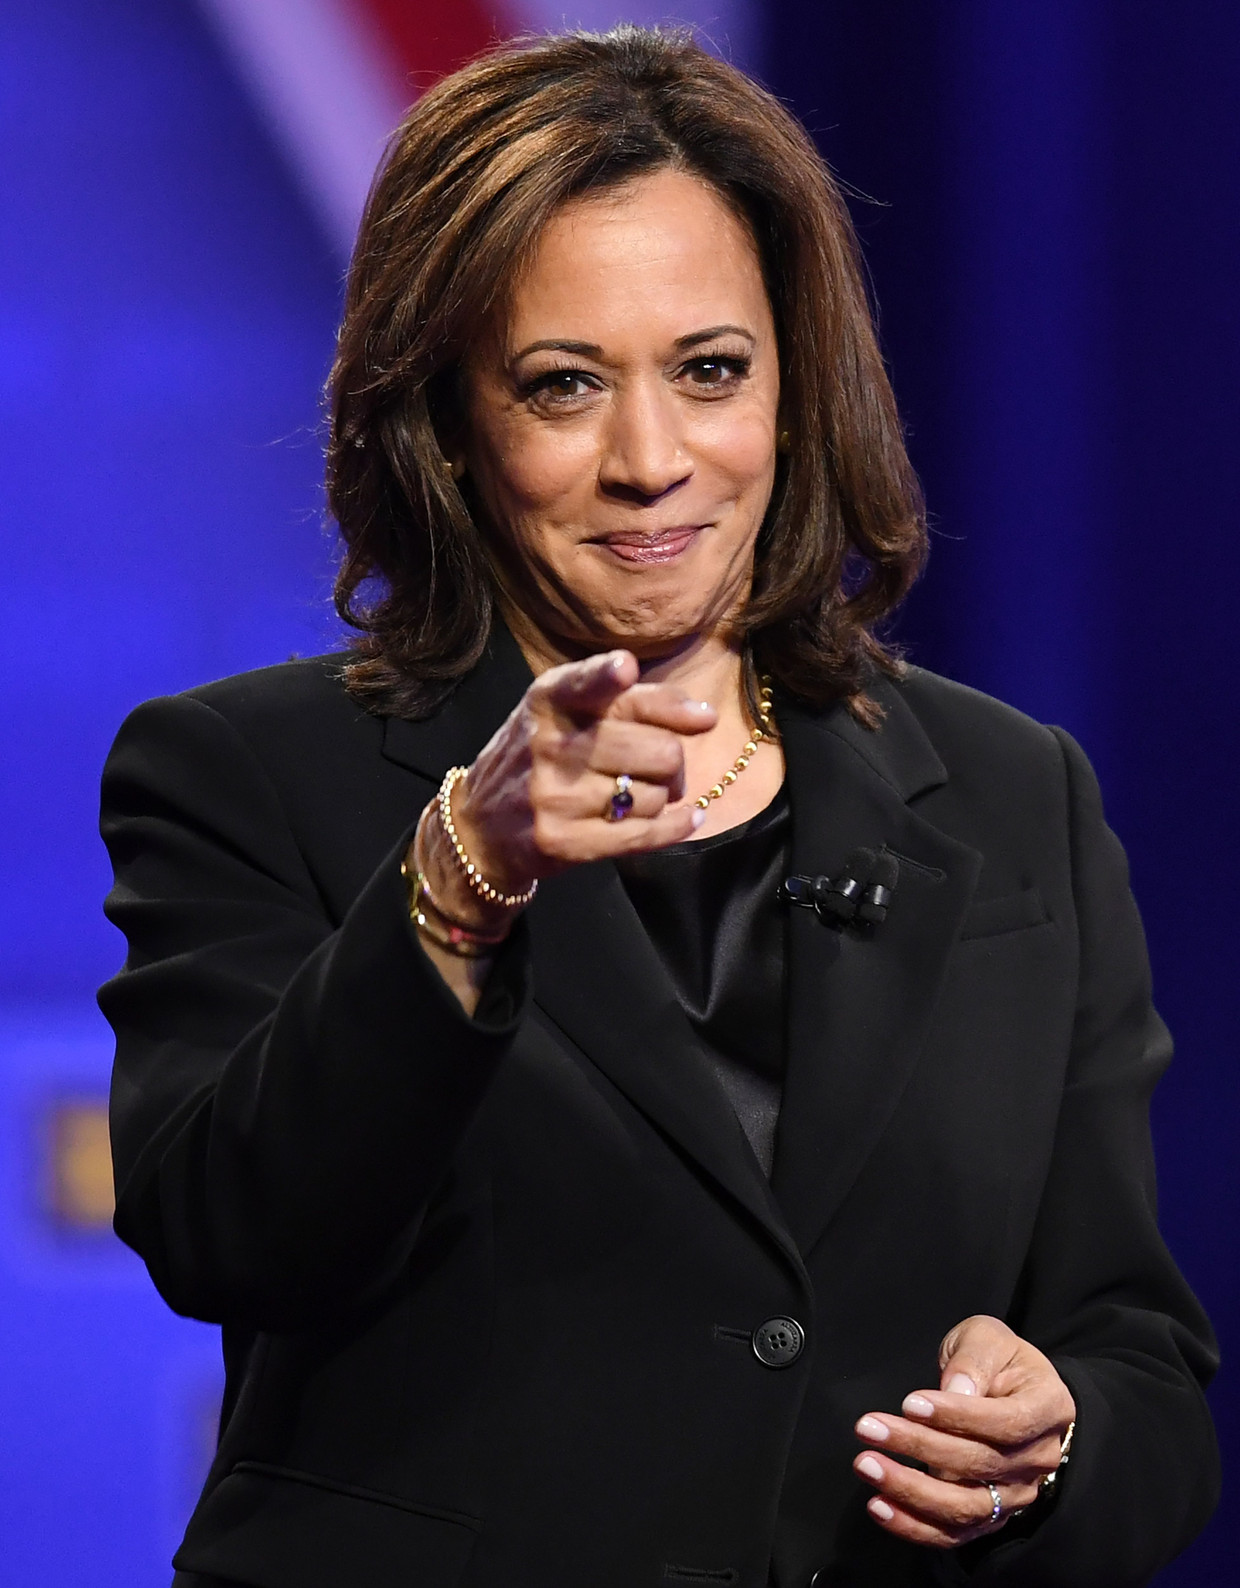 Harris vorig jaar, toen nog zelf in de race als presidentskandidaat, tijdens een CNN-debat.  Beeld AFP